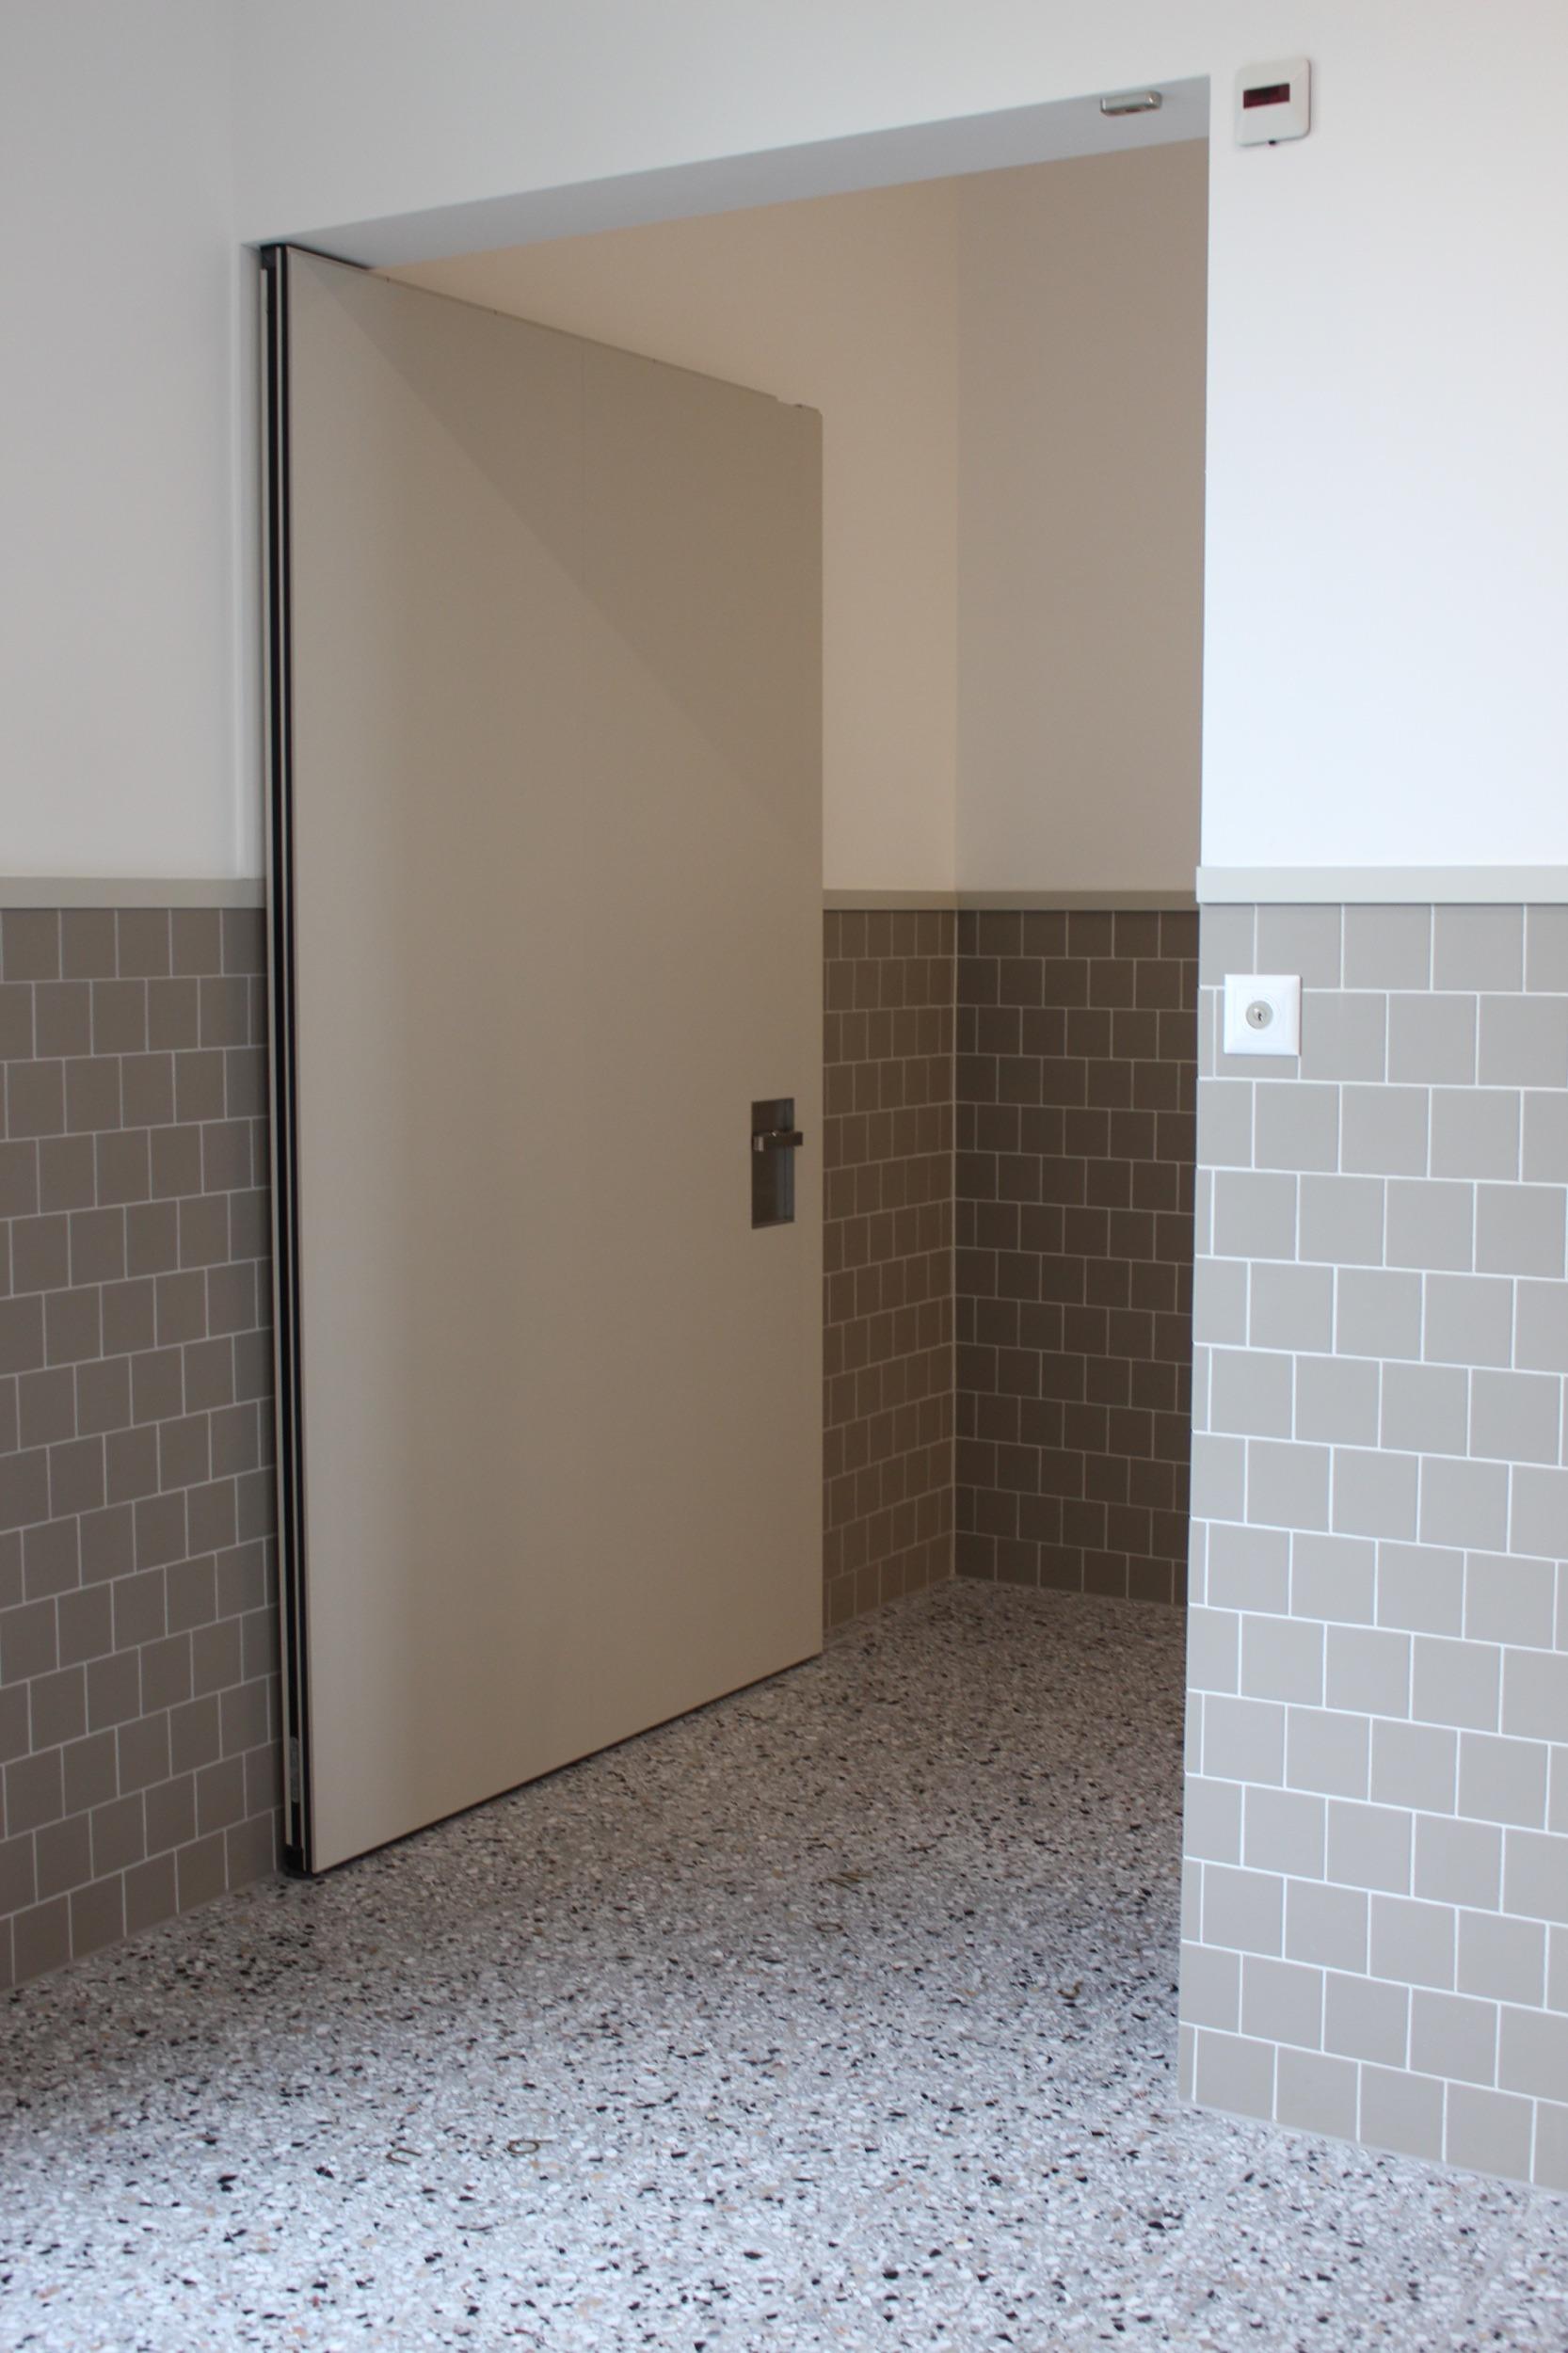 Rahmenlose_Holztuere_Sprachheilschule_St_Gallen_IMG_1020